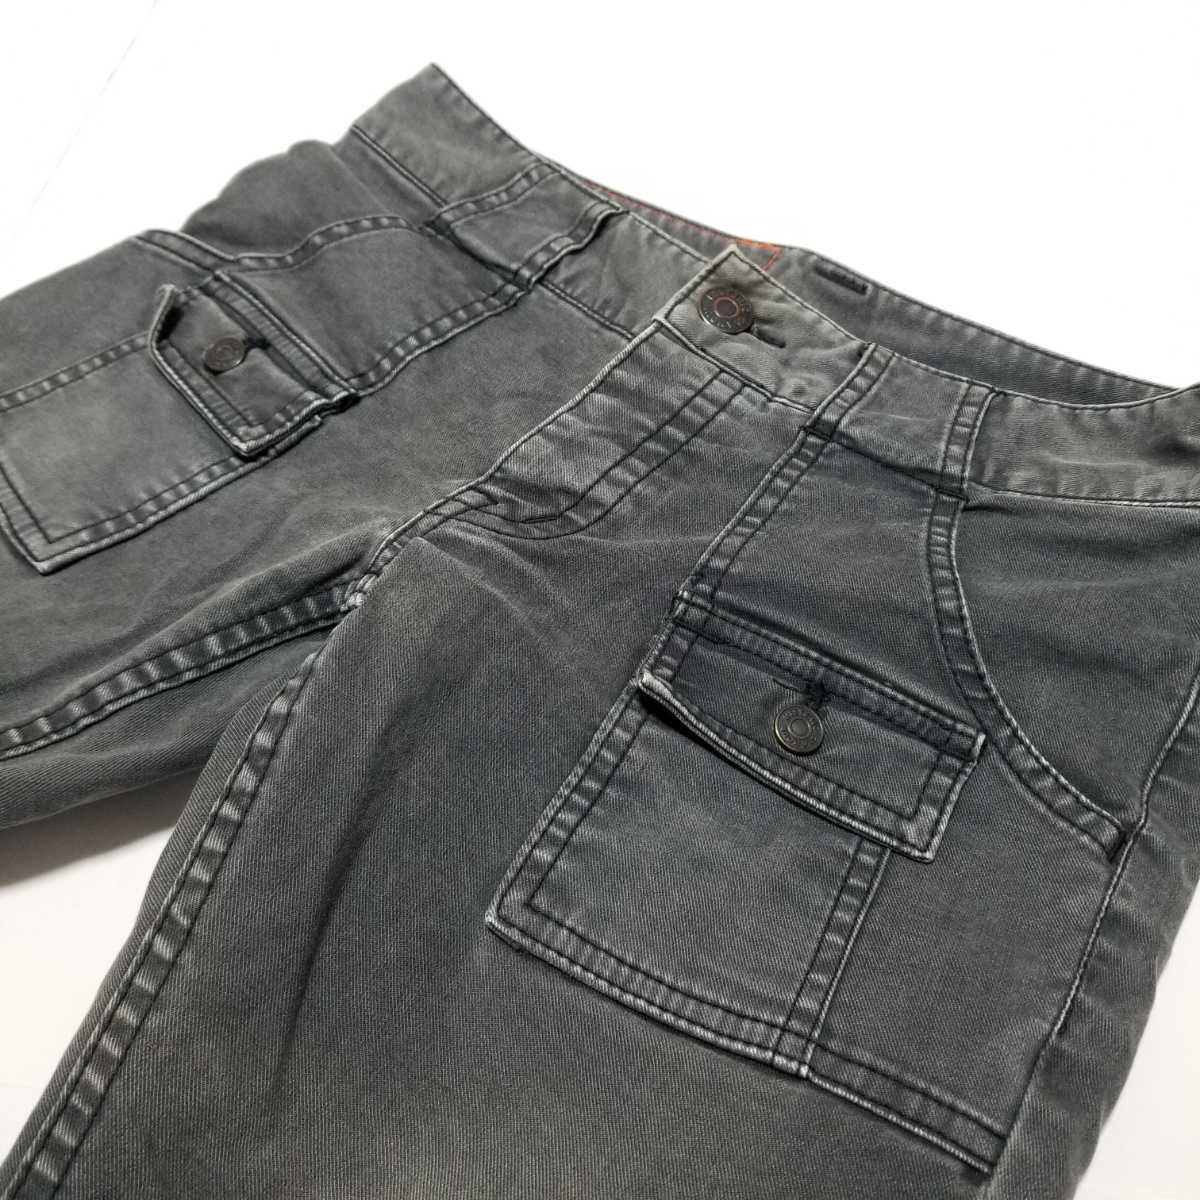 ヒステリックグラマー スキニーパンツ 黒 デニム サイズS